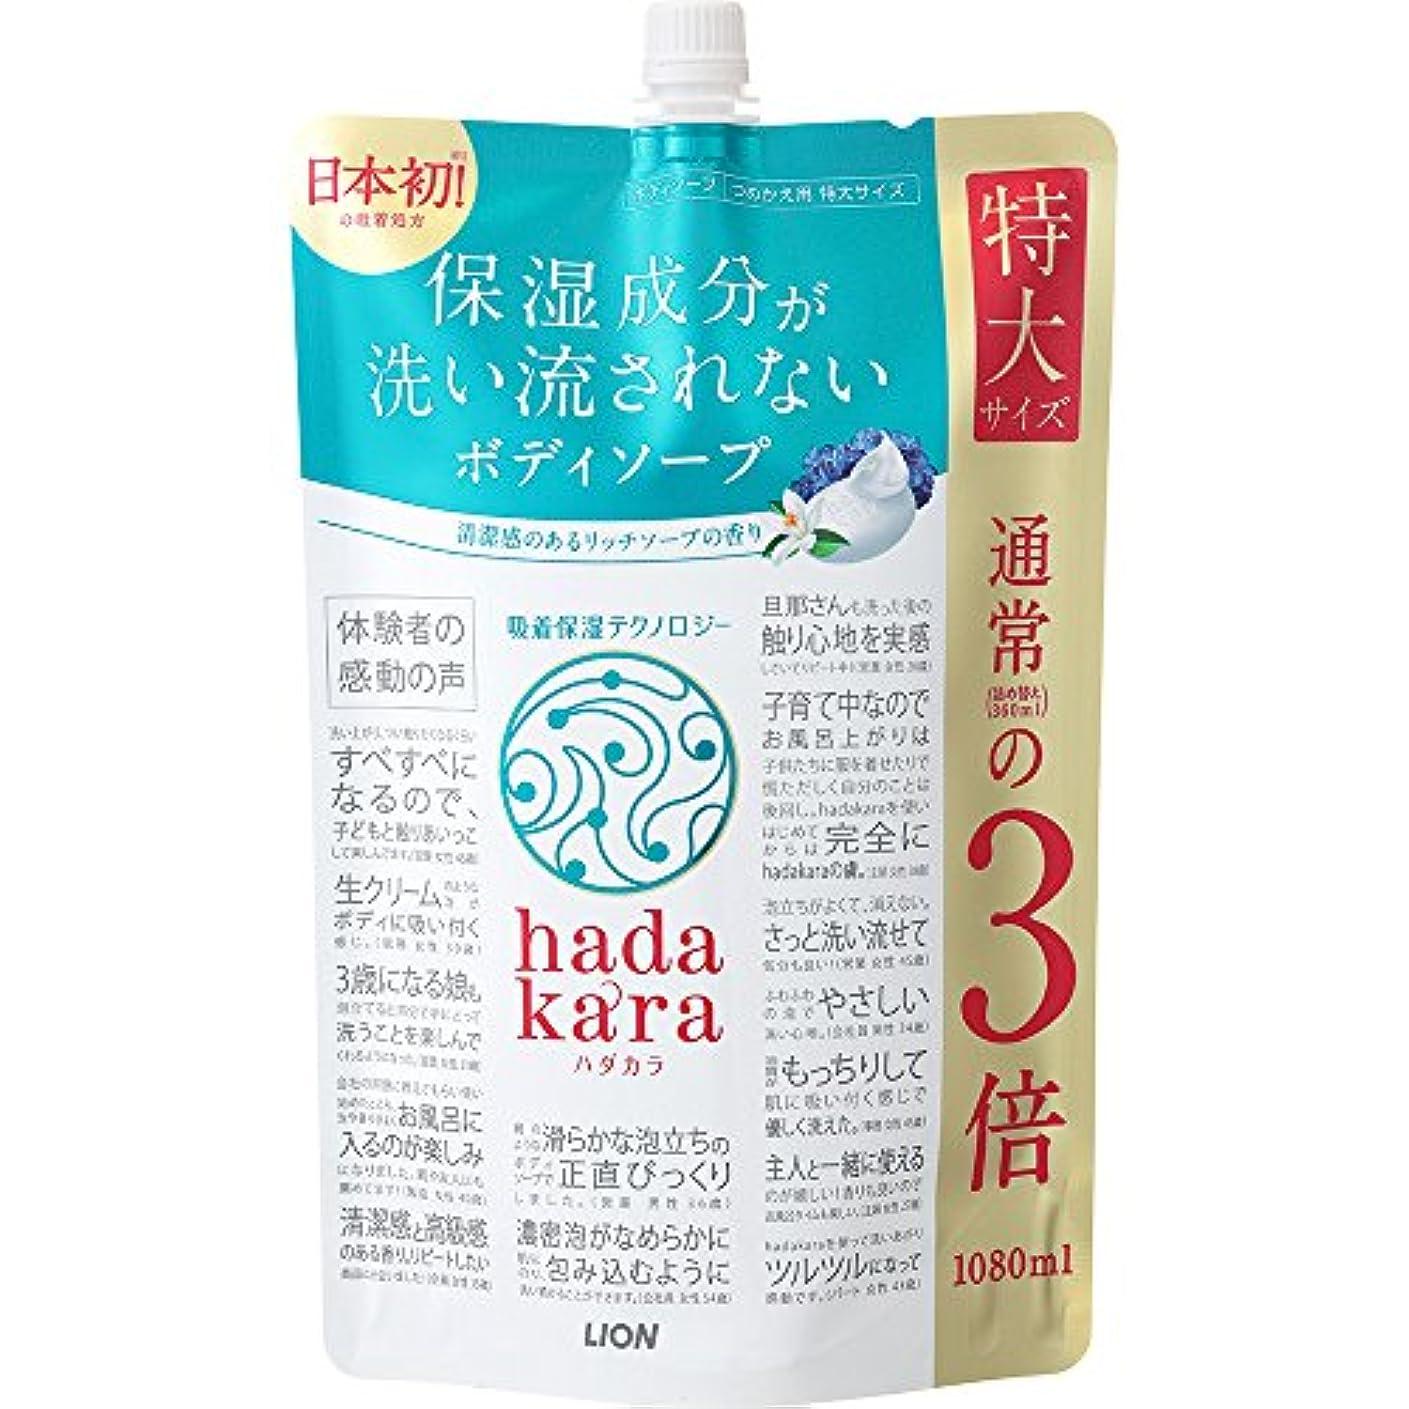 使用法アライアンス水っぽい【大容量】hadakara(ハダカラ) ボディソープ リッチソープの香り 詰め替え 特大 1080ml